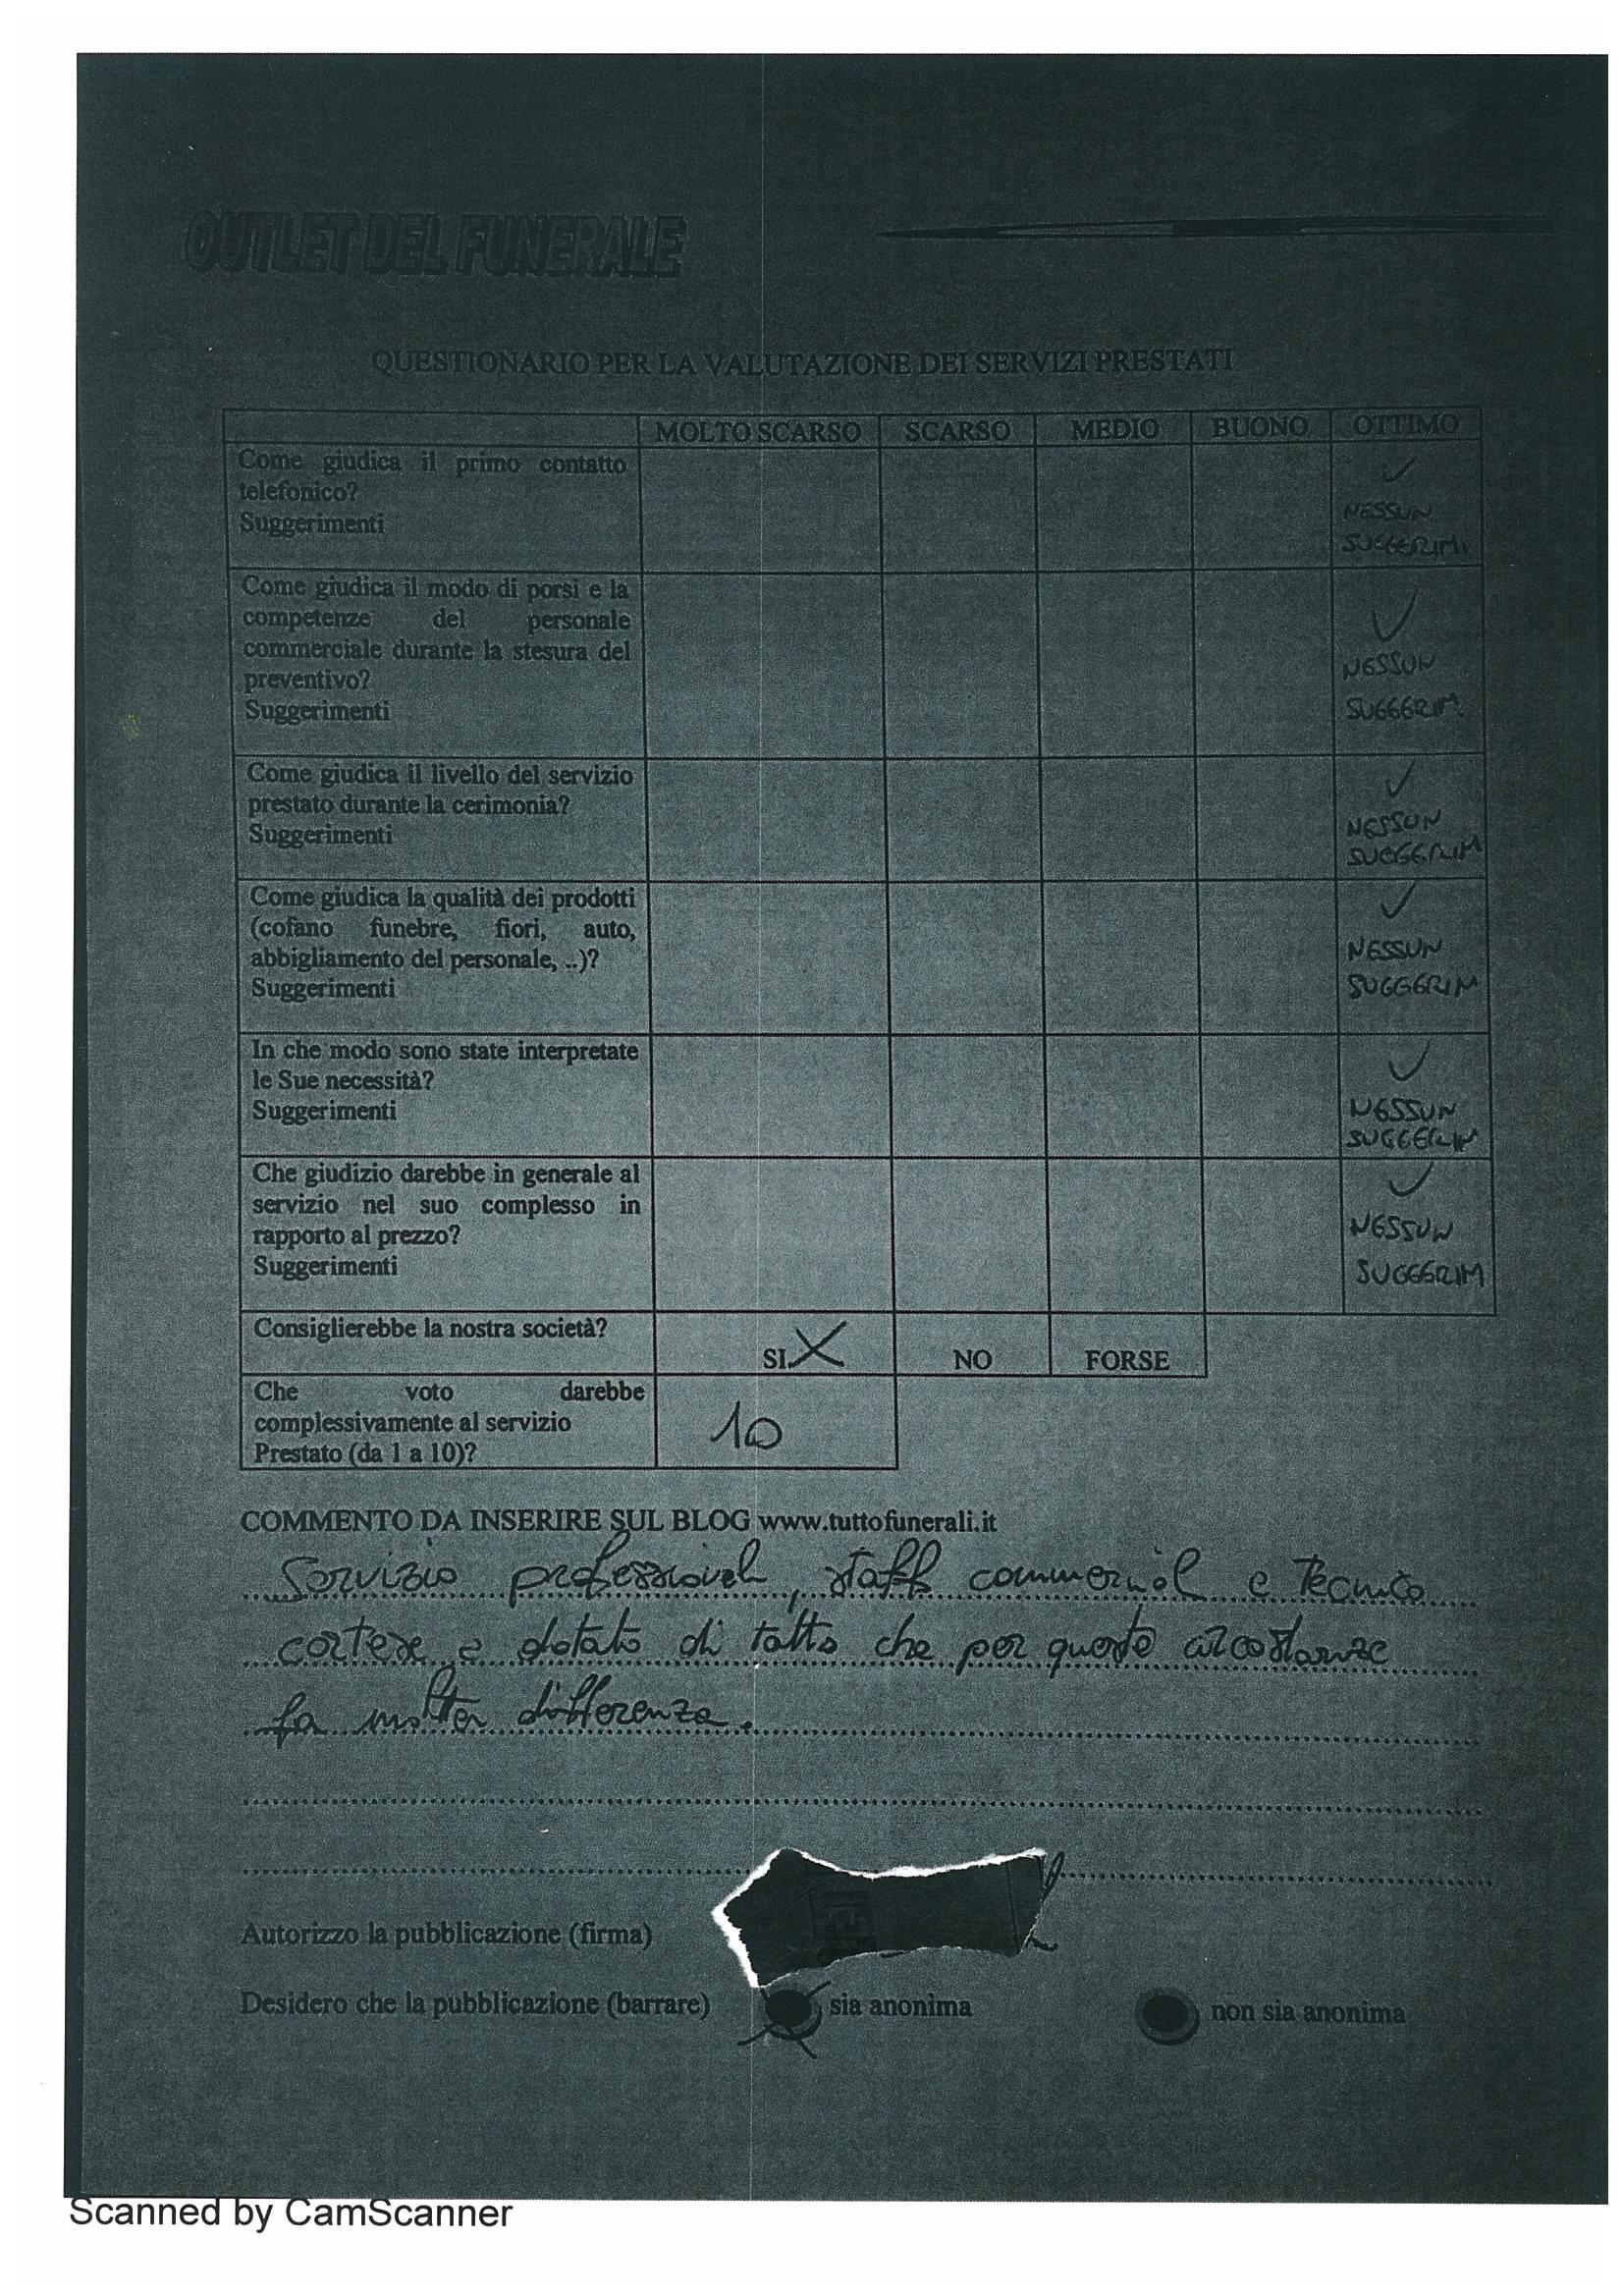 Funerale : Questionario di valutazione del servizio prestato da outlet del funerale; opinioni su outlet del funerale; testimonianze su outlet del funerale